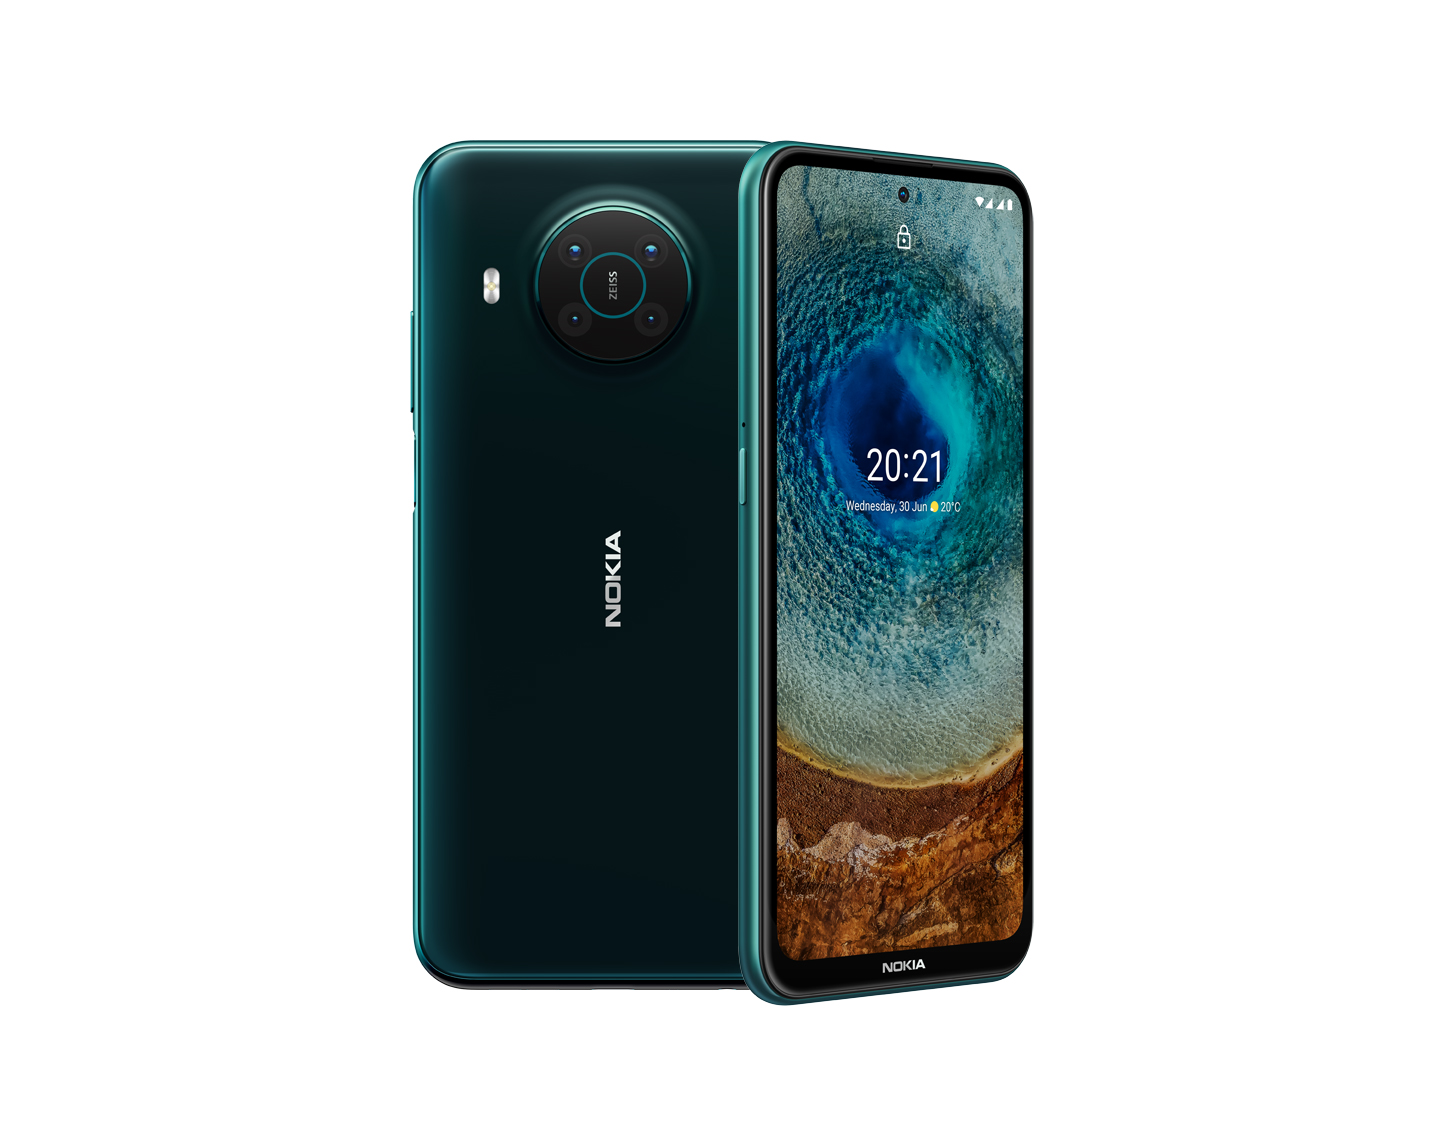 Nokia X10 - Notebookcheck.net External Reviews